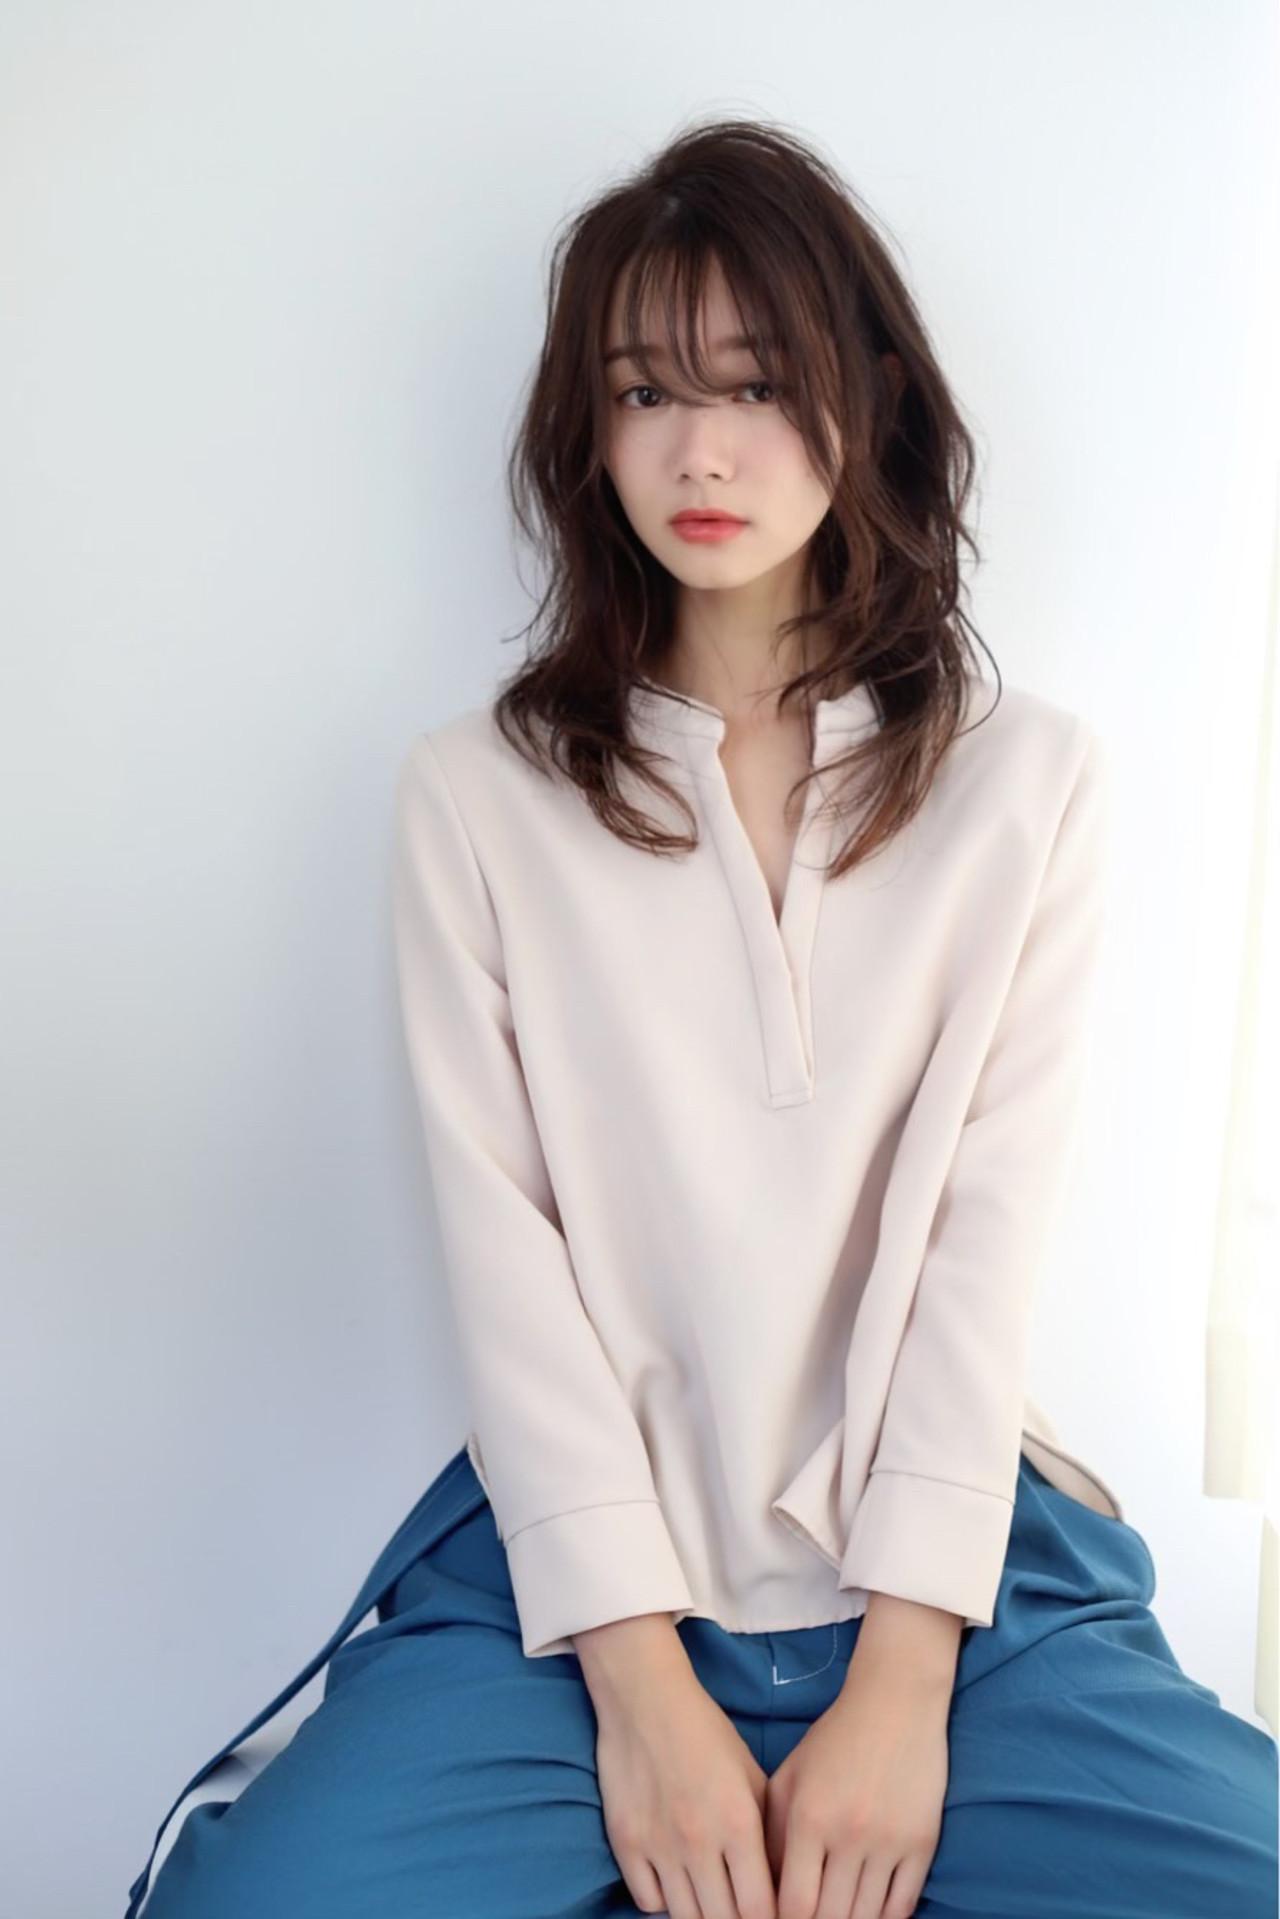 ウルフレイヤー 韓国風ヘアー フェミニン ウルフカット ヘアスタイルや髪型の写真・画像